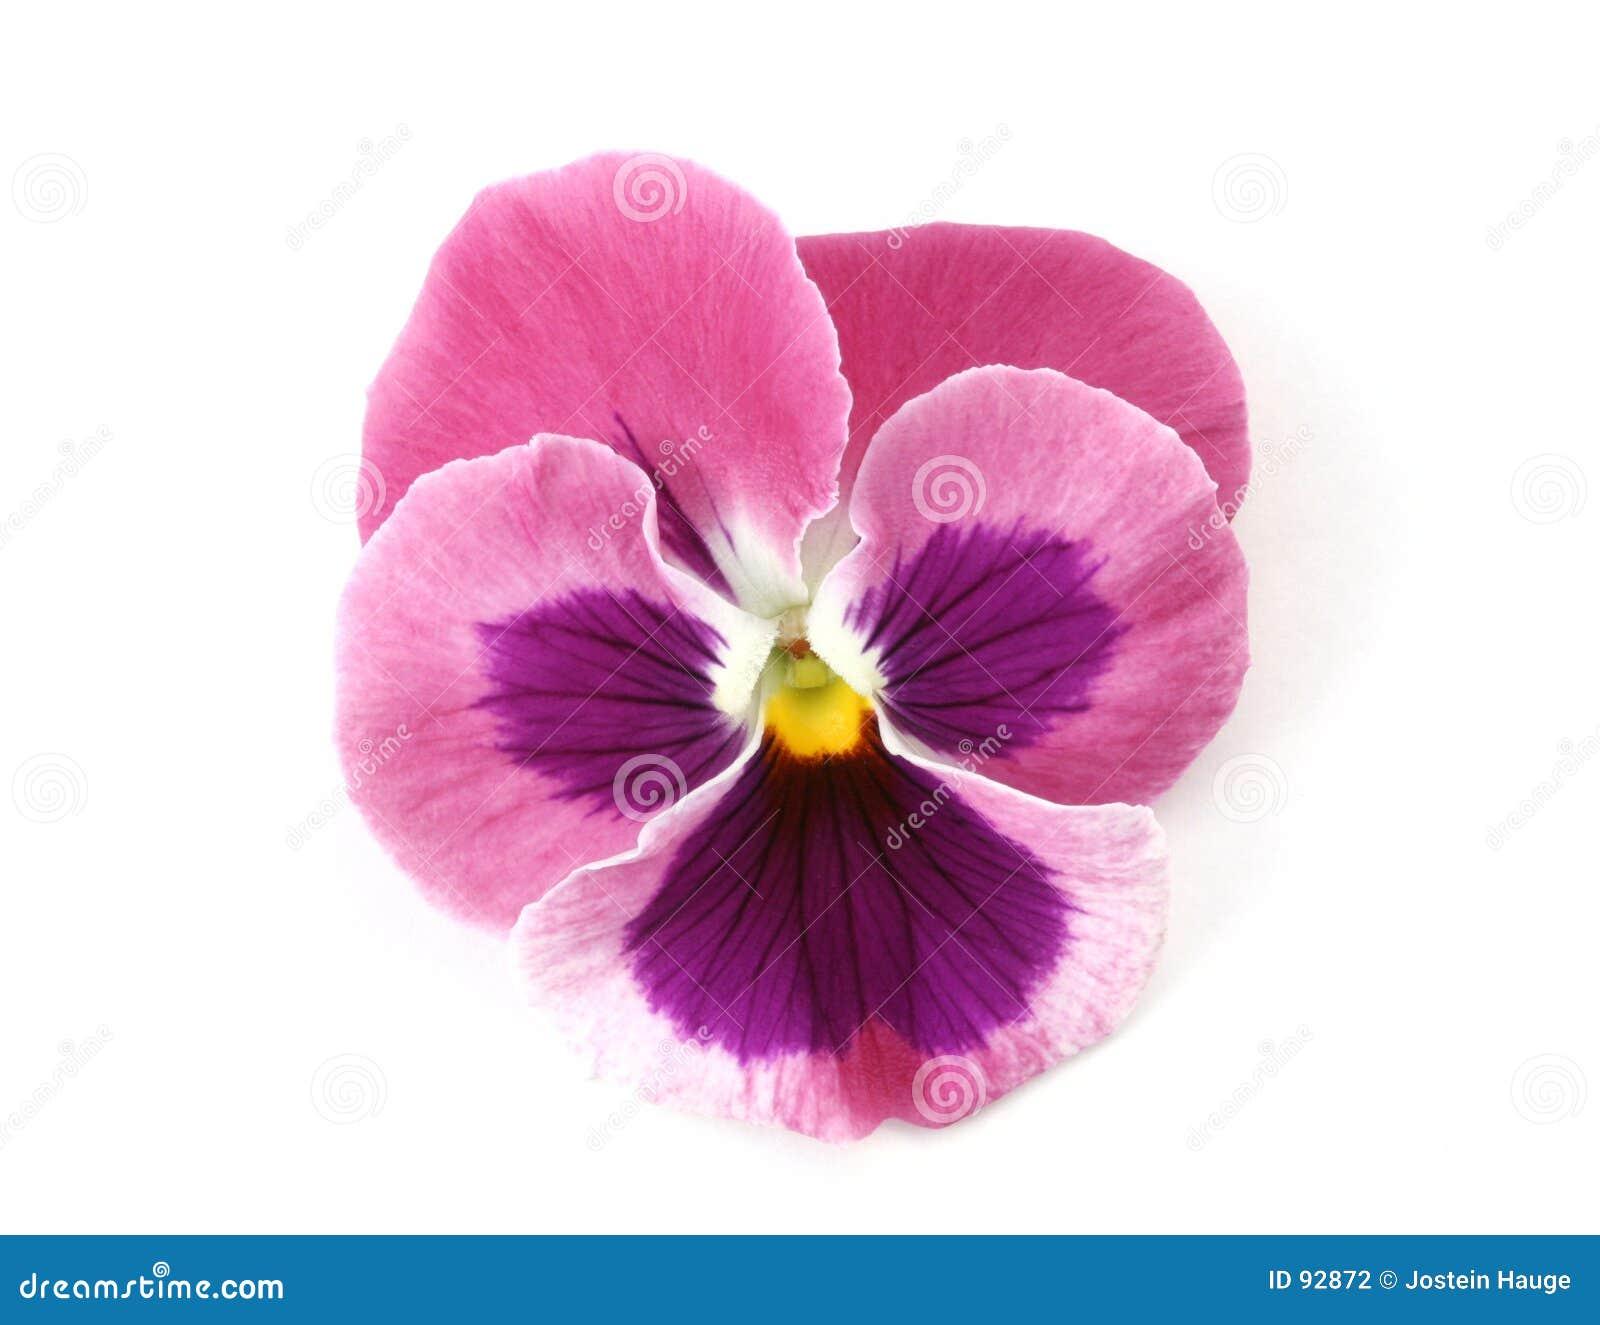 De elementen van het ontwerp roze viooltje stock for Photographie de stock